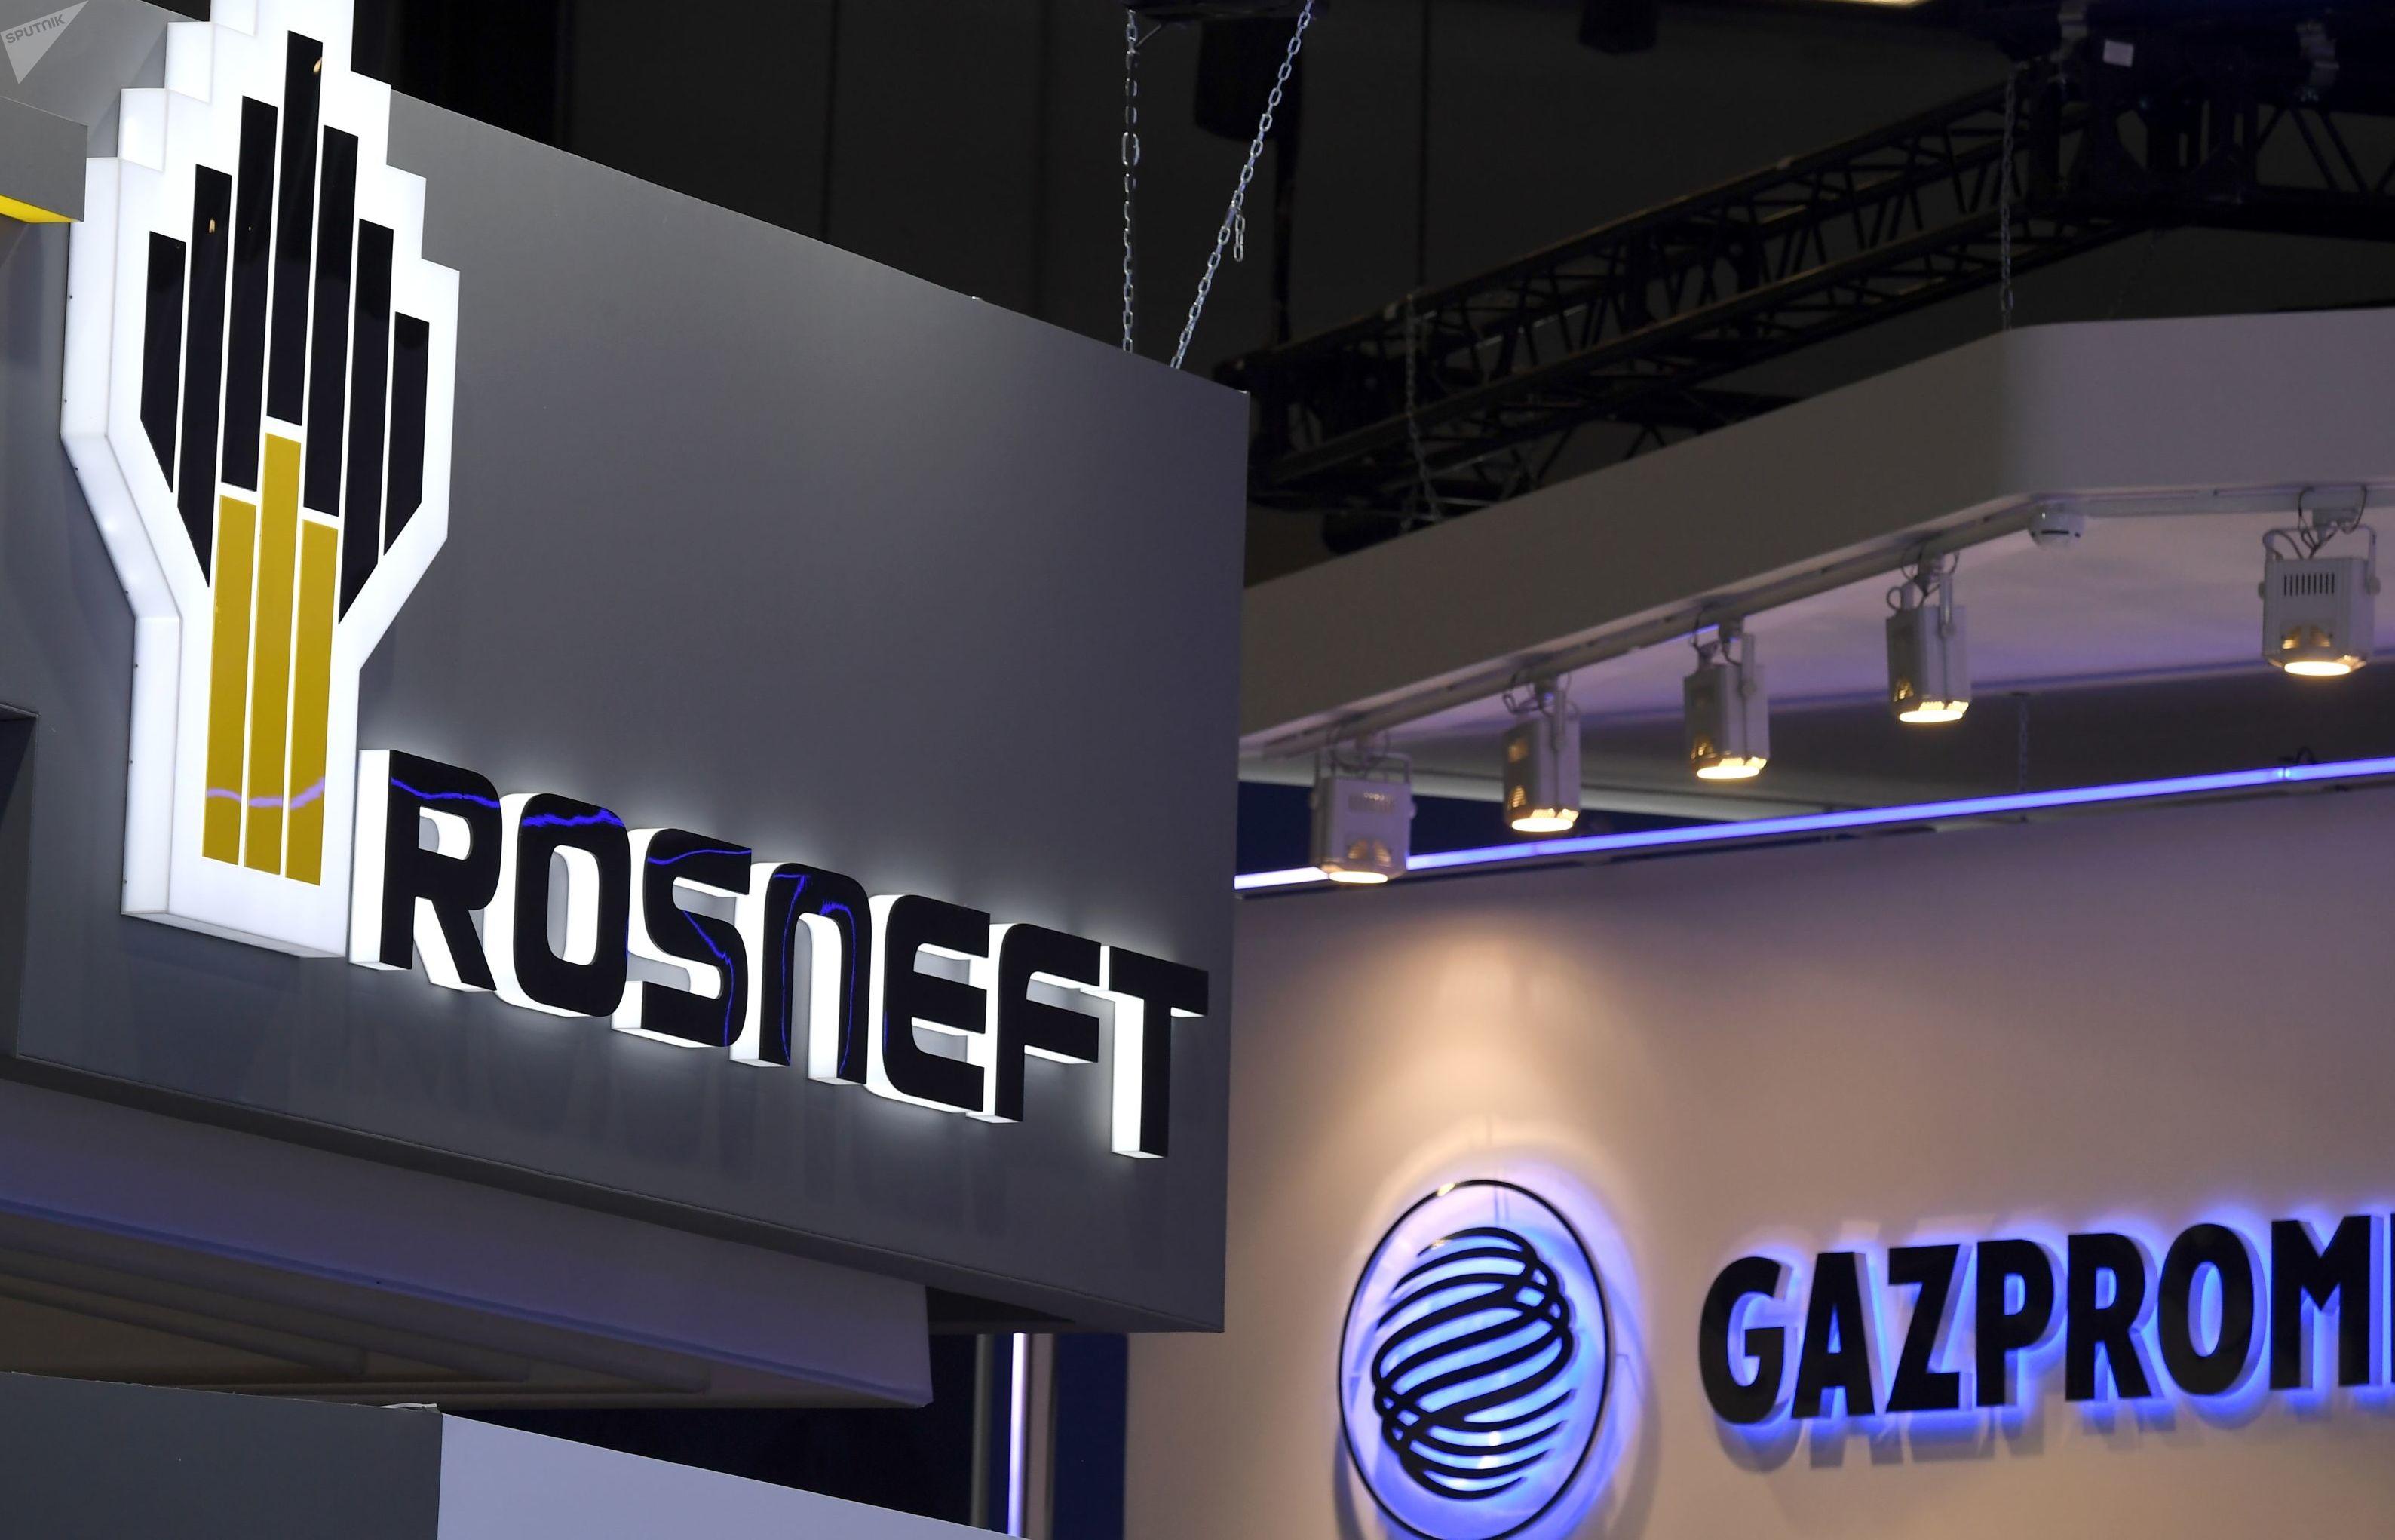 Empresas russas de hidrocarbonetos Rosneft e Gazprom participam de fórum internacional em São Petersburgo, em julho de 2019